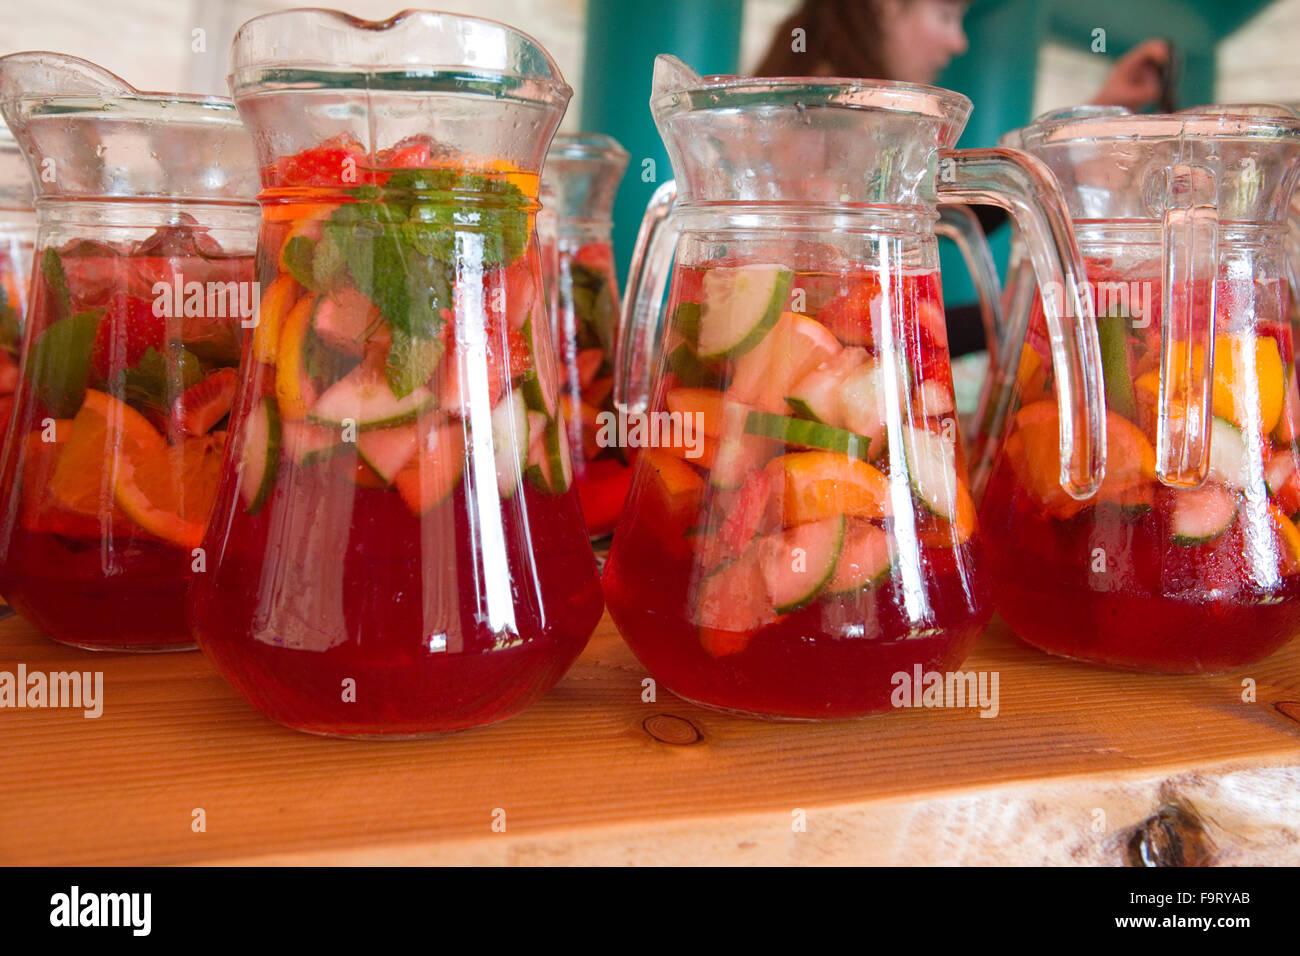 Pimms y limonada vasos de vidrio jarra de bebida alcohólica de frutas refrescantes bebidas alcohol menta fresca Imagen De Stock